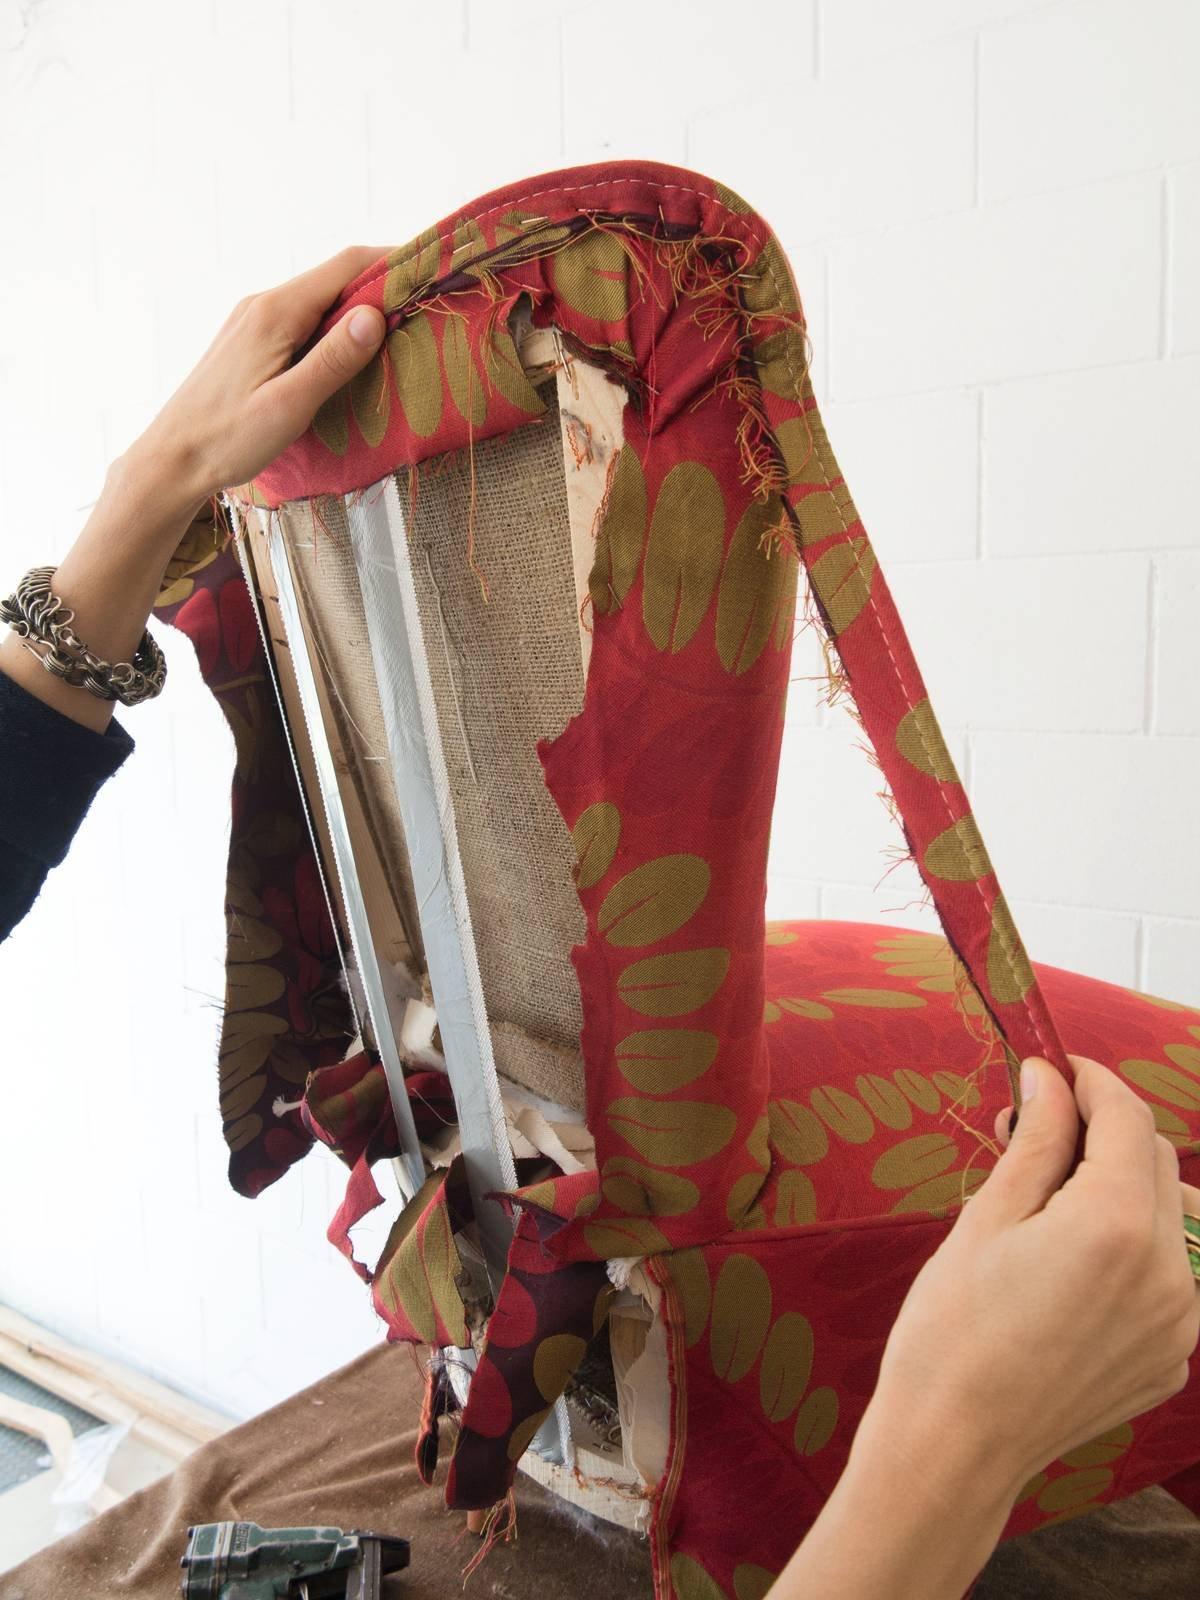 Idee Per Foderare Una Poltrona.Rivestire Una Poltrona Come Si Fa E Quali Tessuti Scegliere